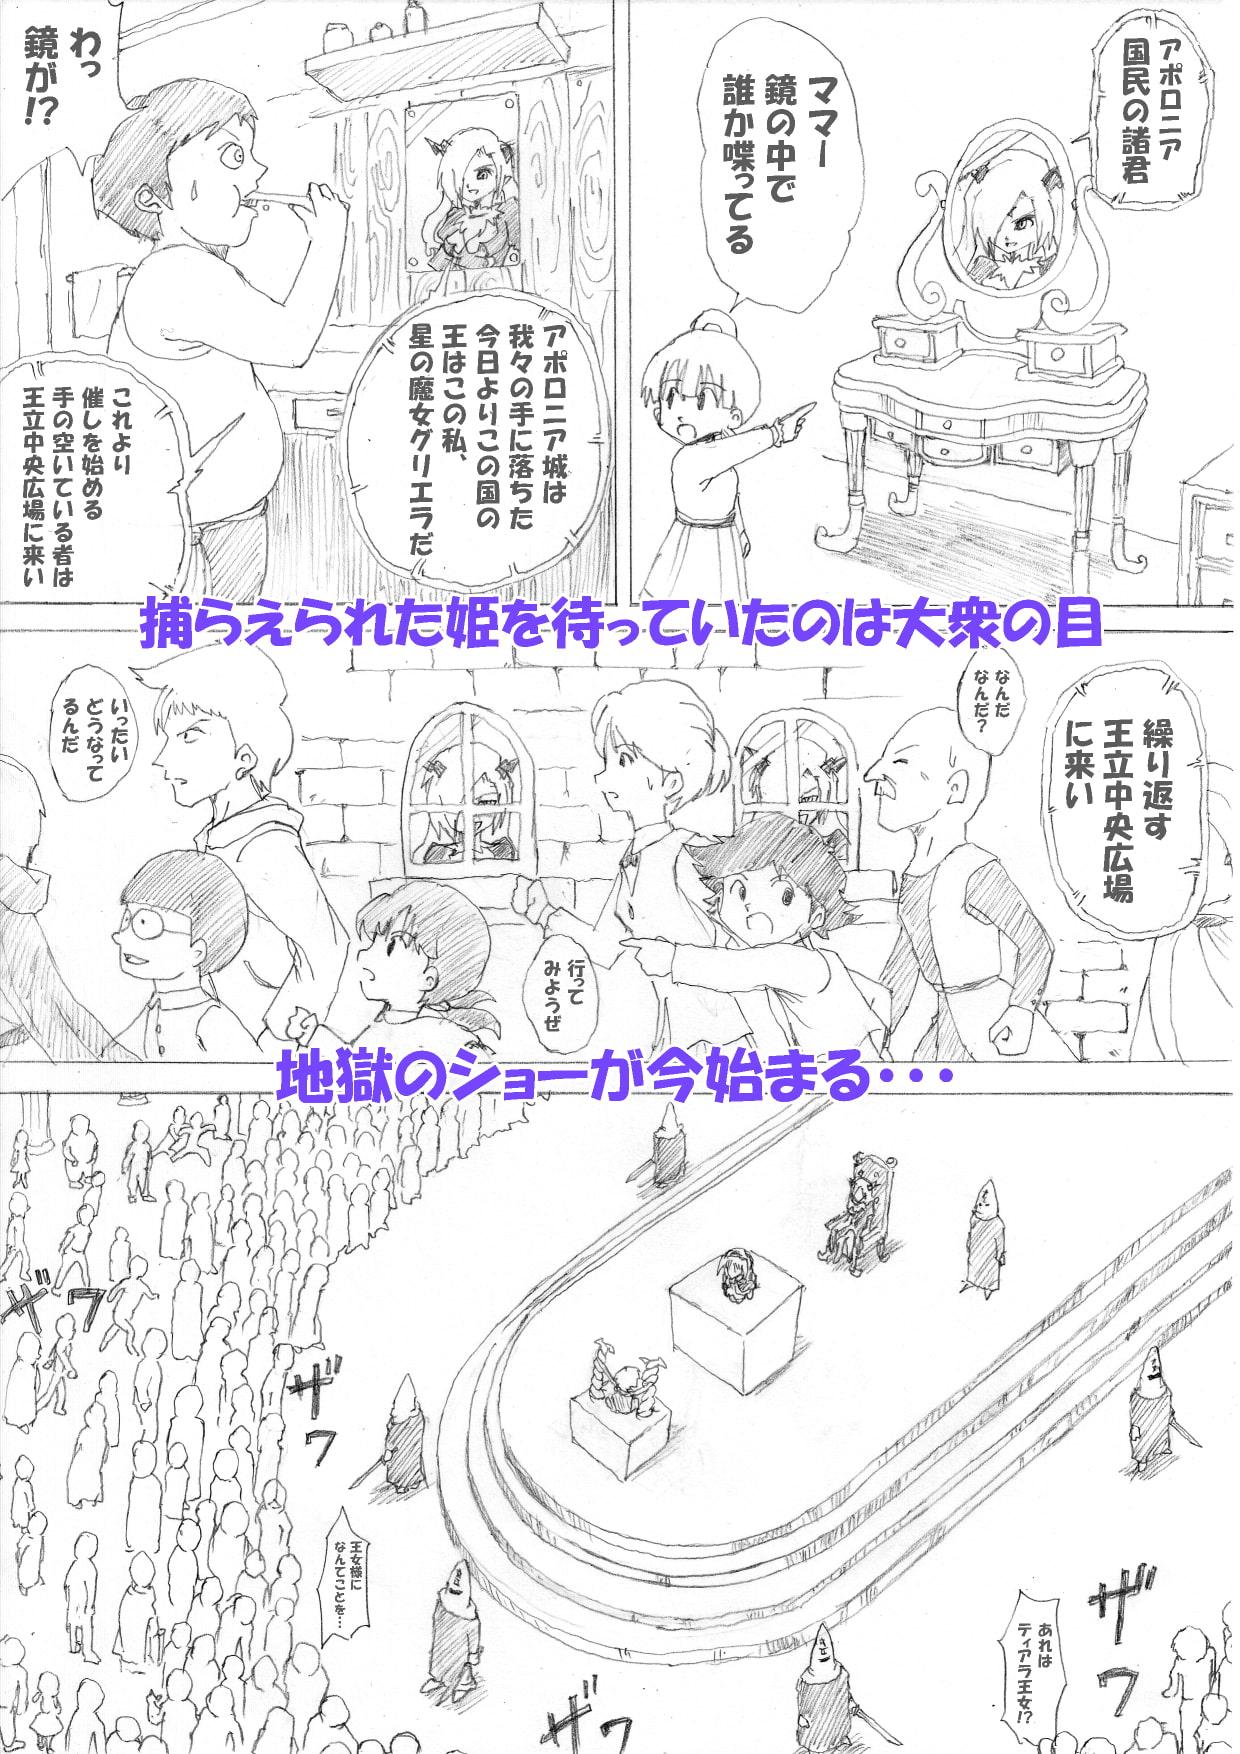 魔女の復讐 Vol.3